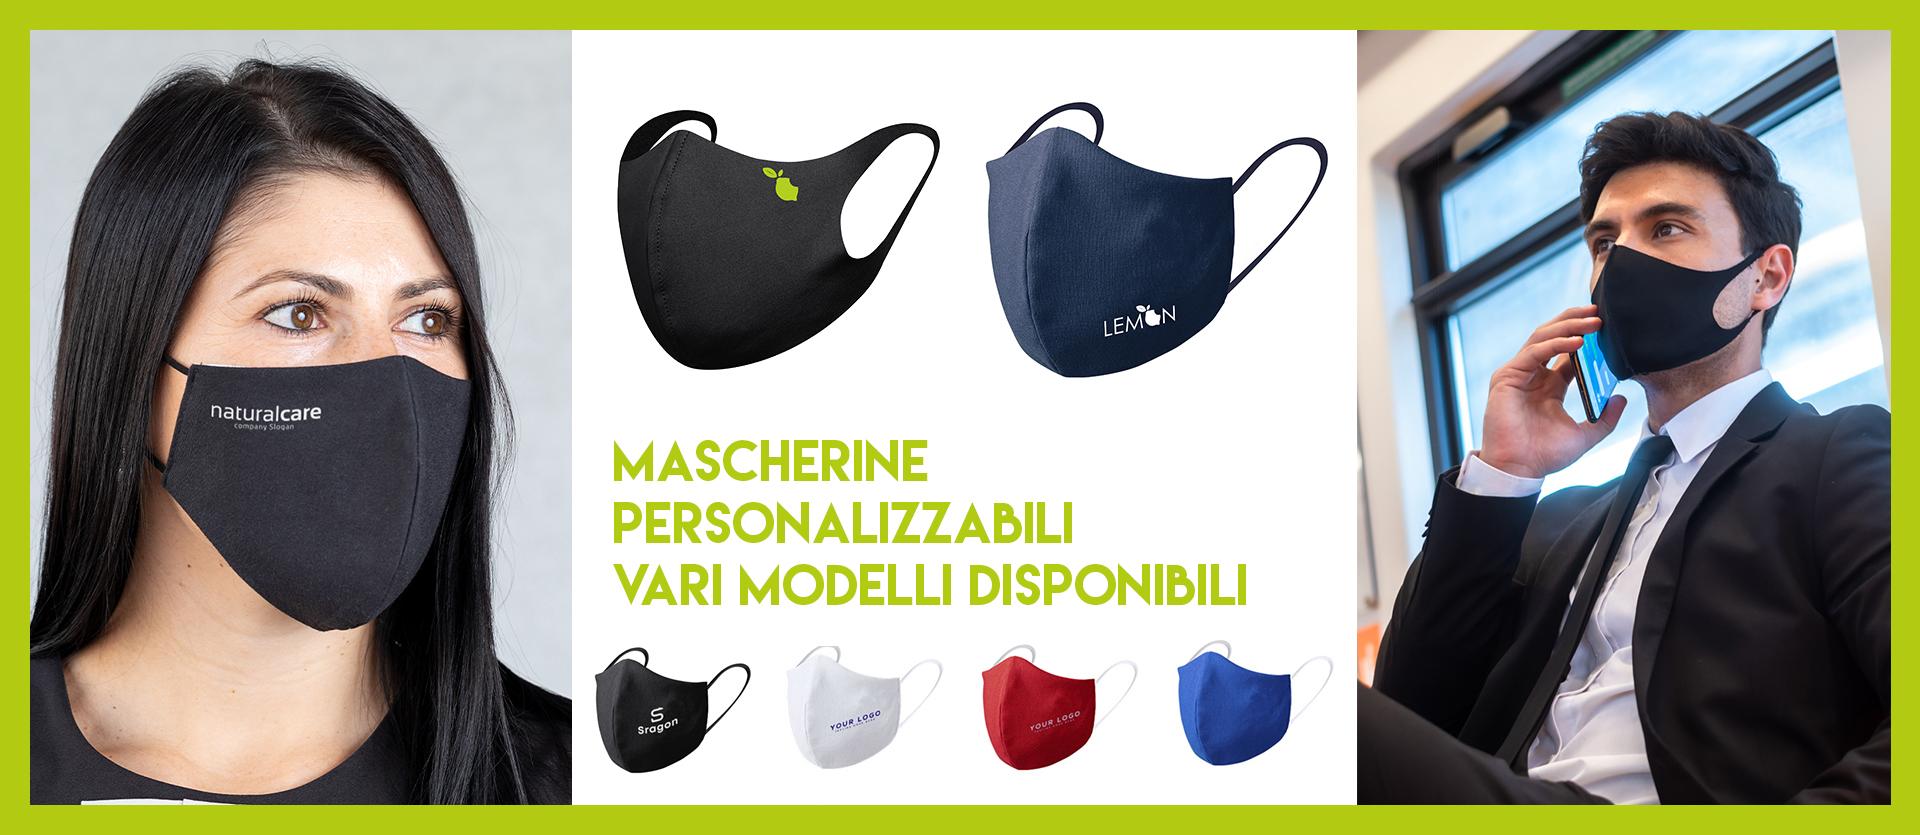 mascherine_nuove